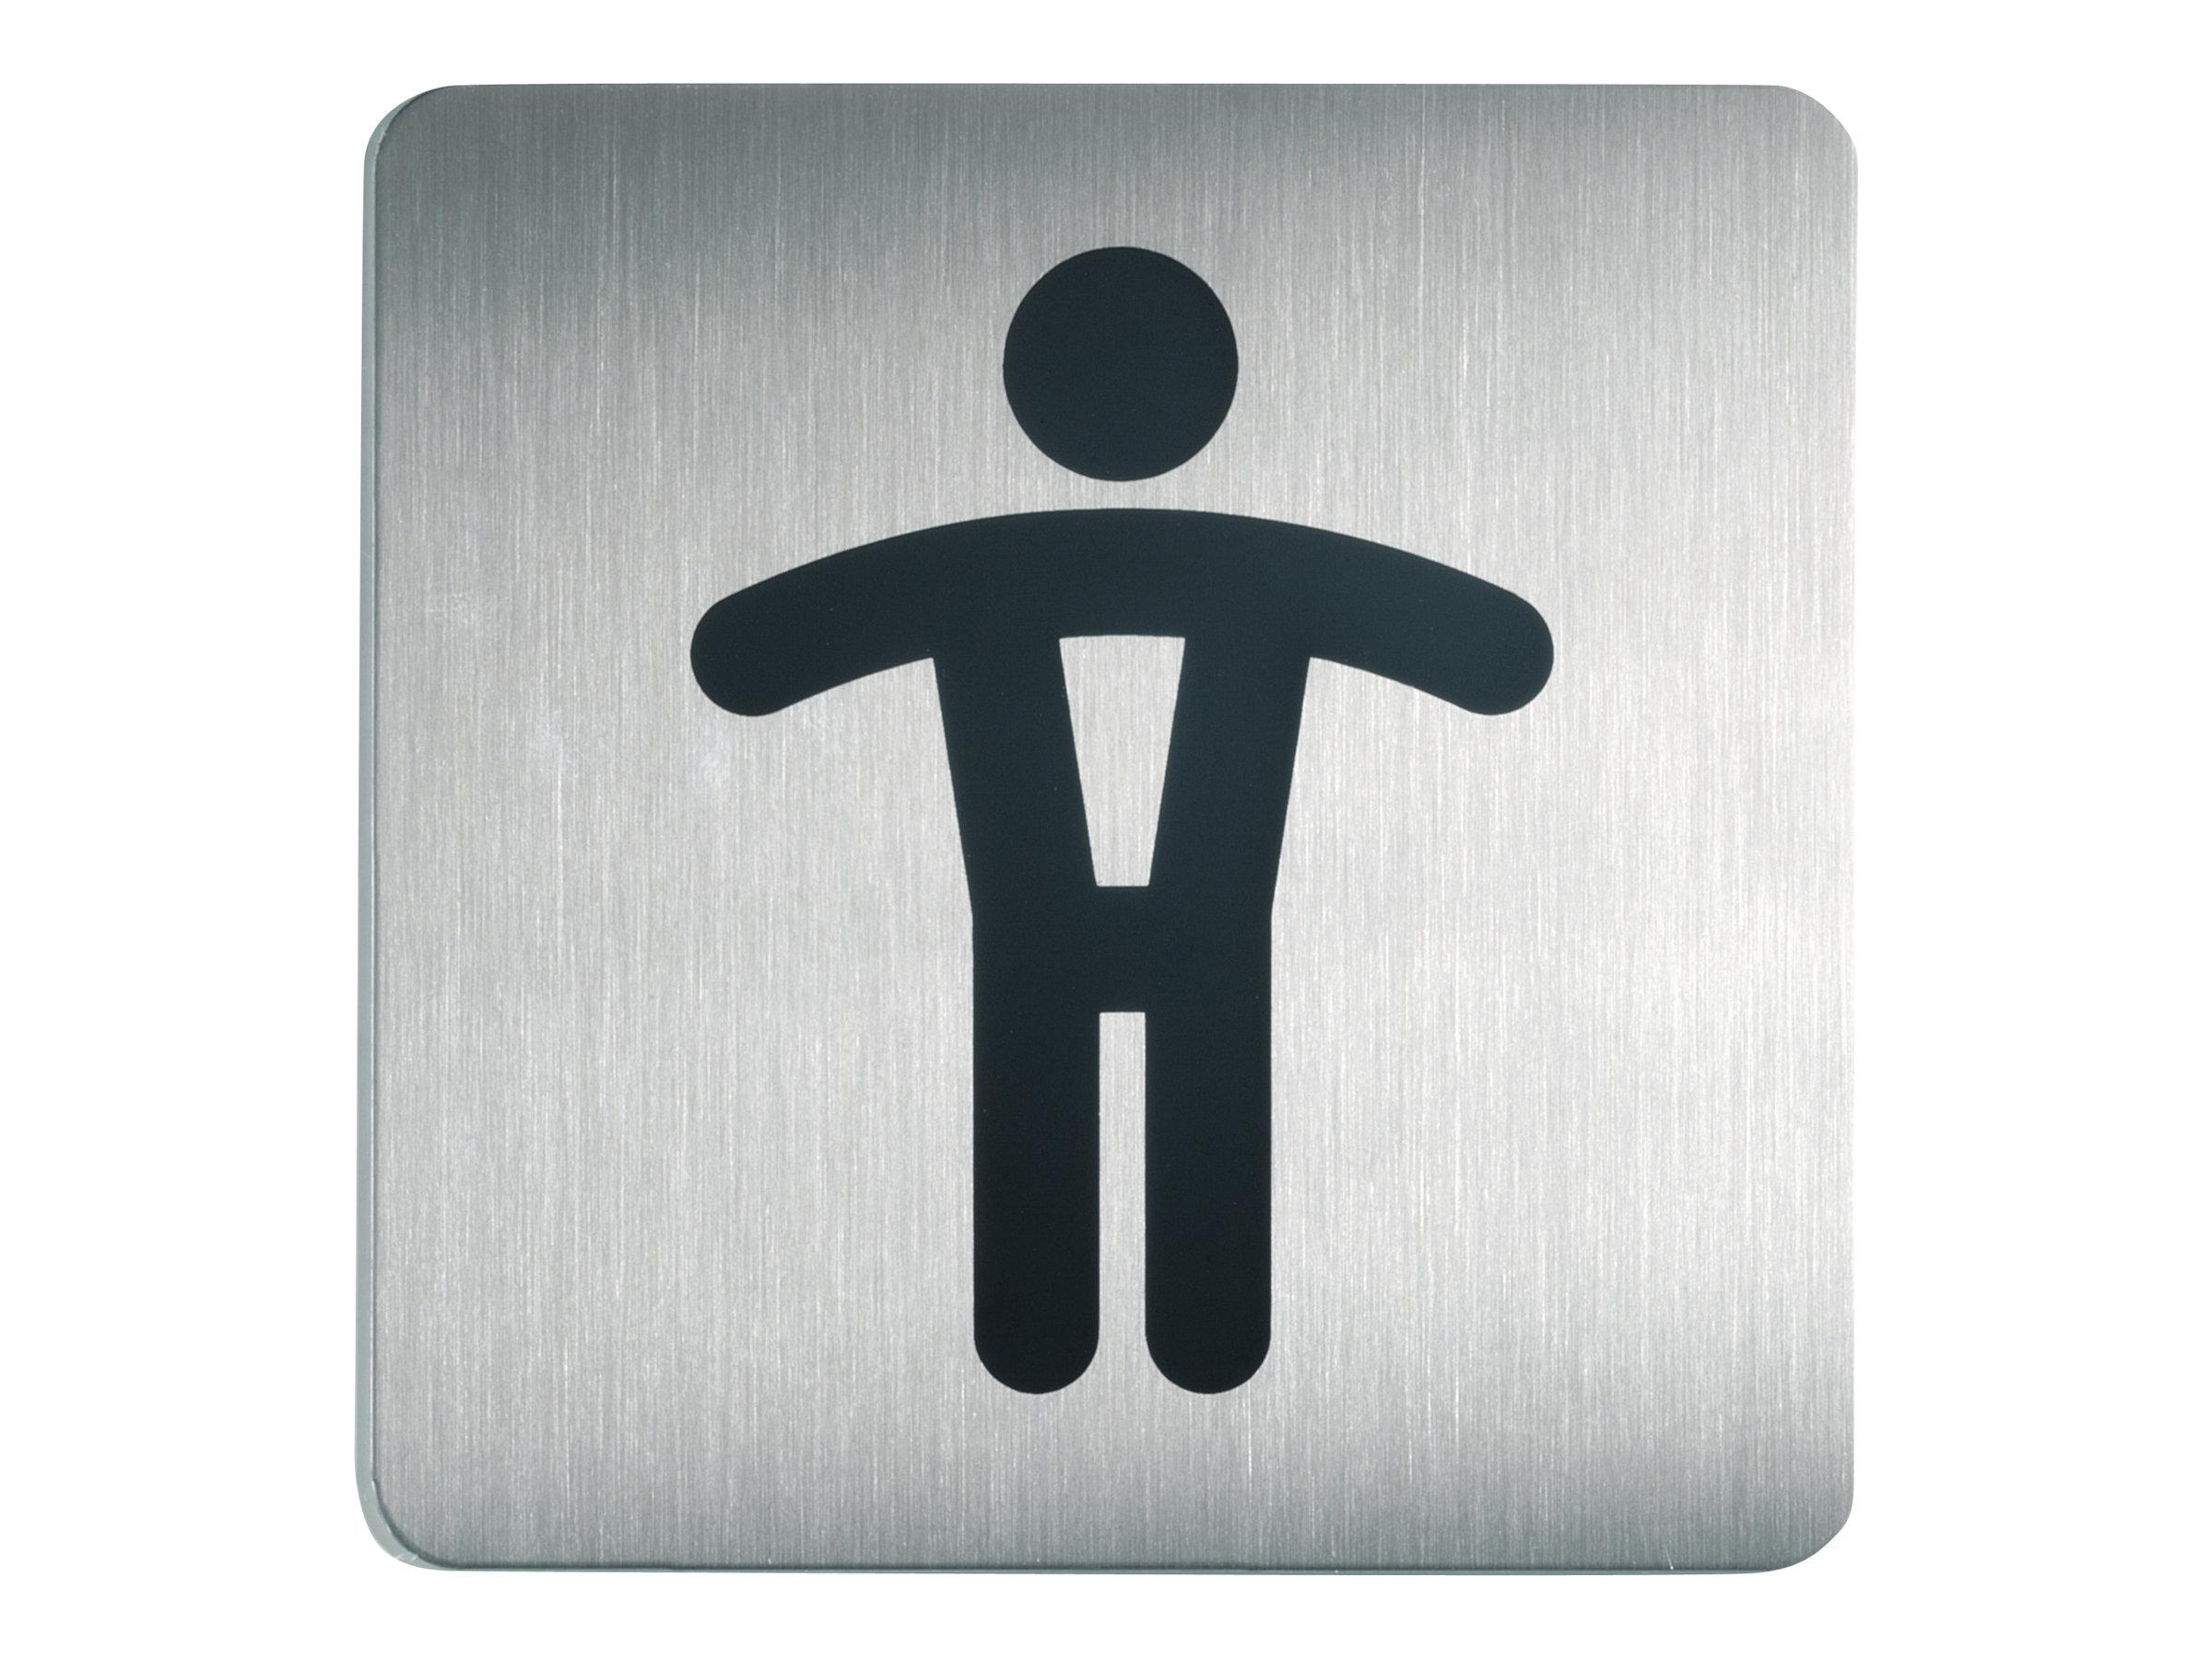 DURABLE PICTO - Pictogramme - toilettes pour hommes - 150 x 150 mm